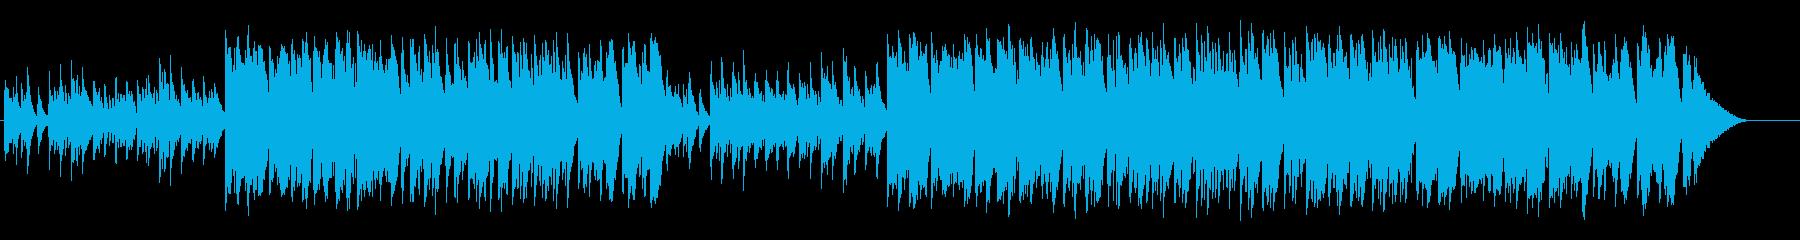 かわいいセミクラシックの再生済みの波形